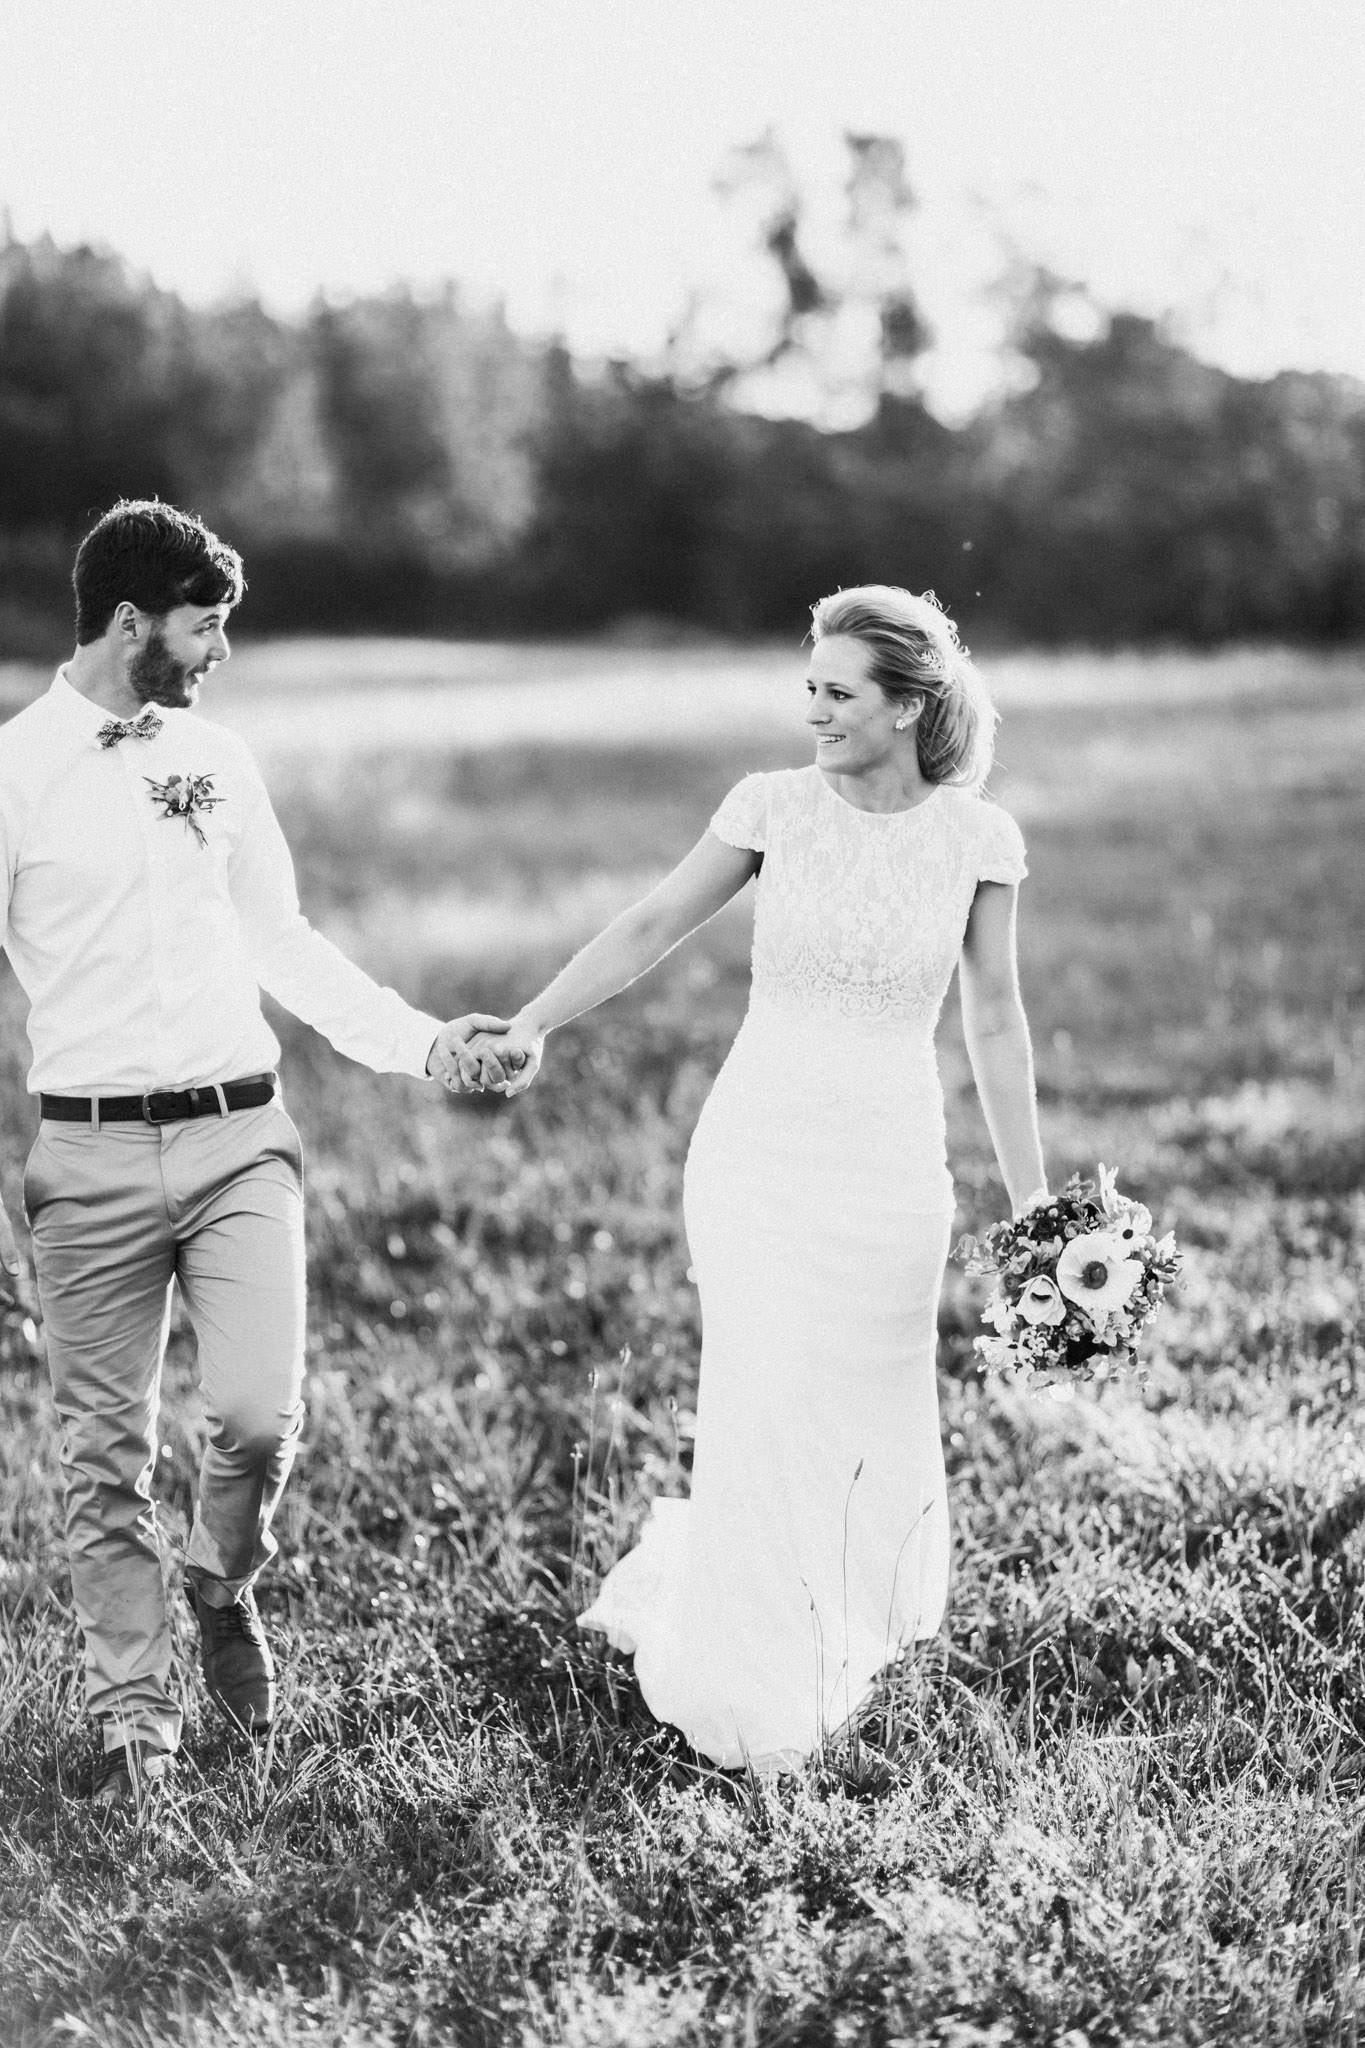 WeddingPhotos_Facebook_2048pixels-1617.jpg